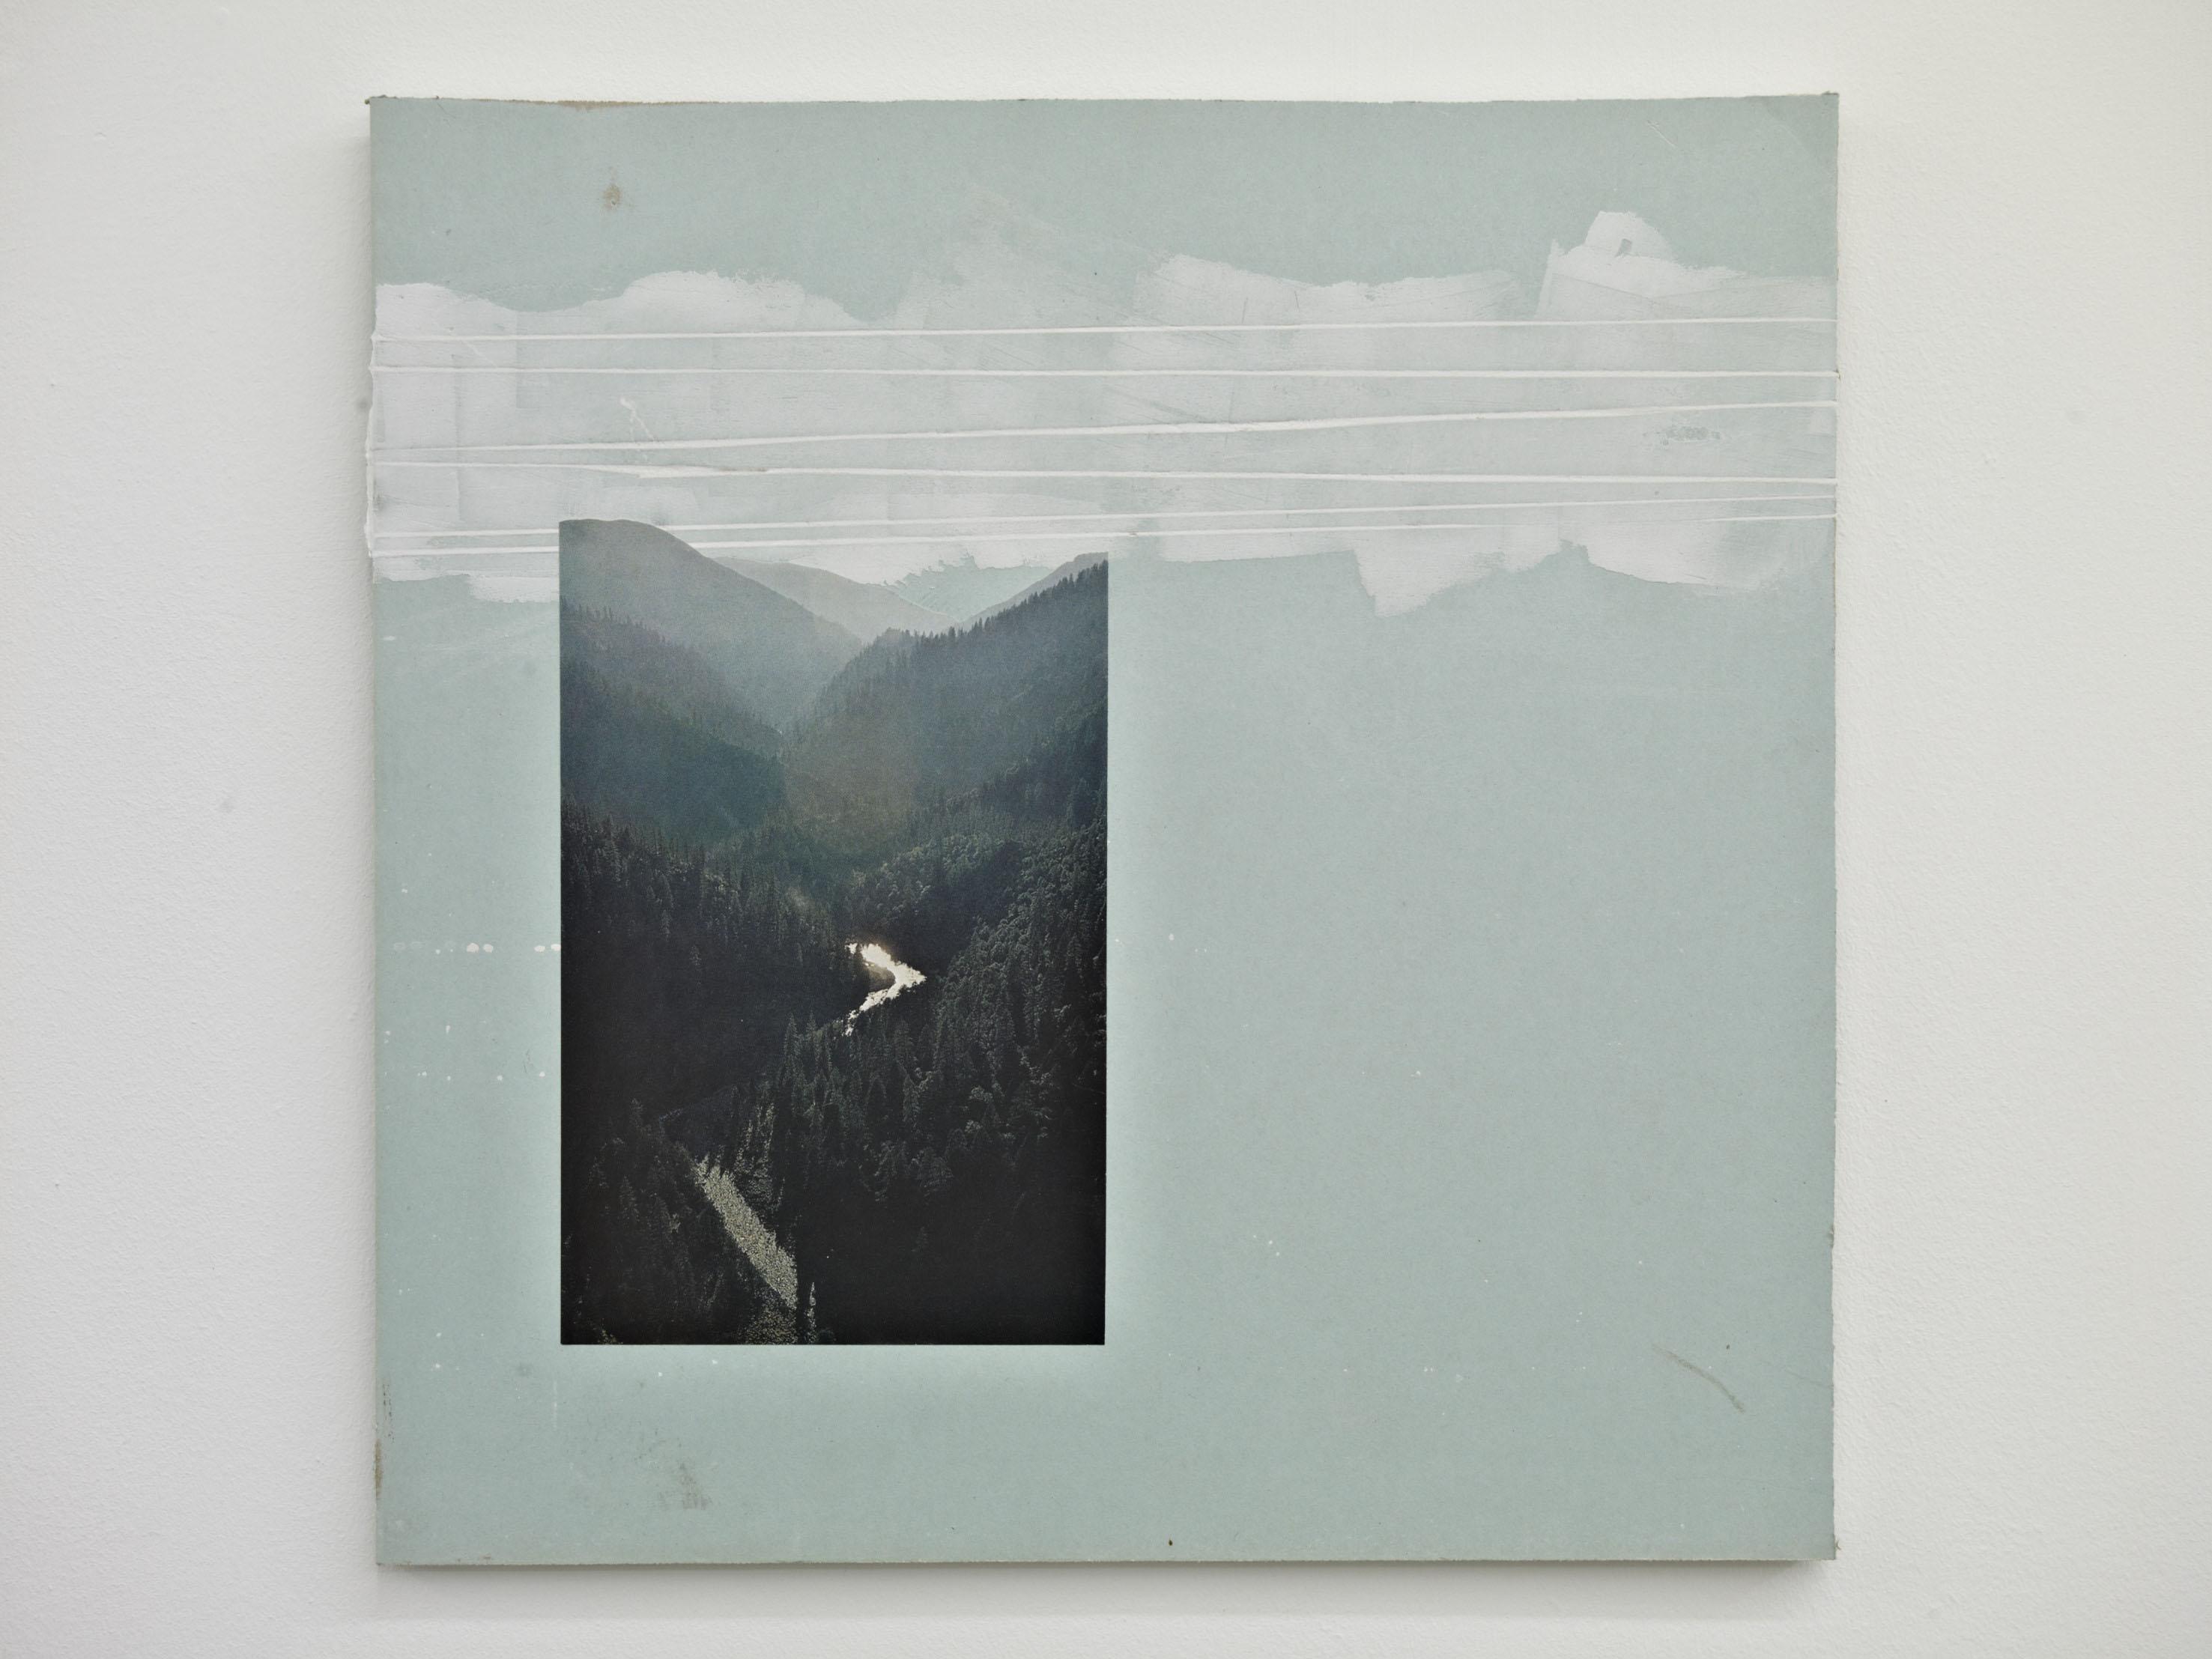 Untitled(Where Danger Lives)2014